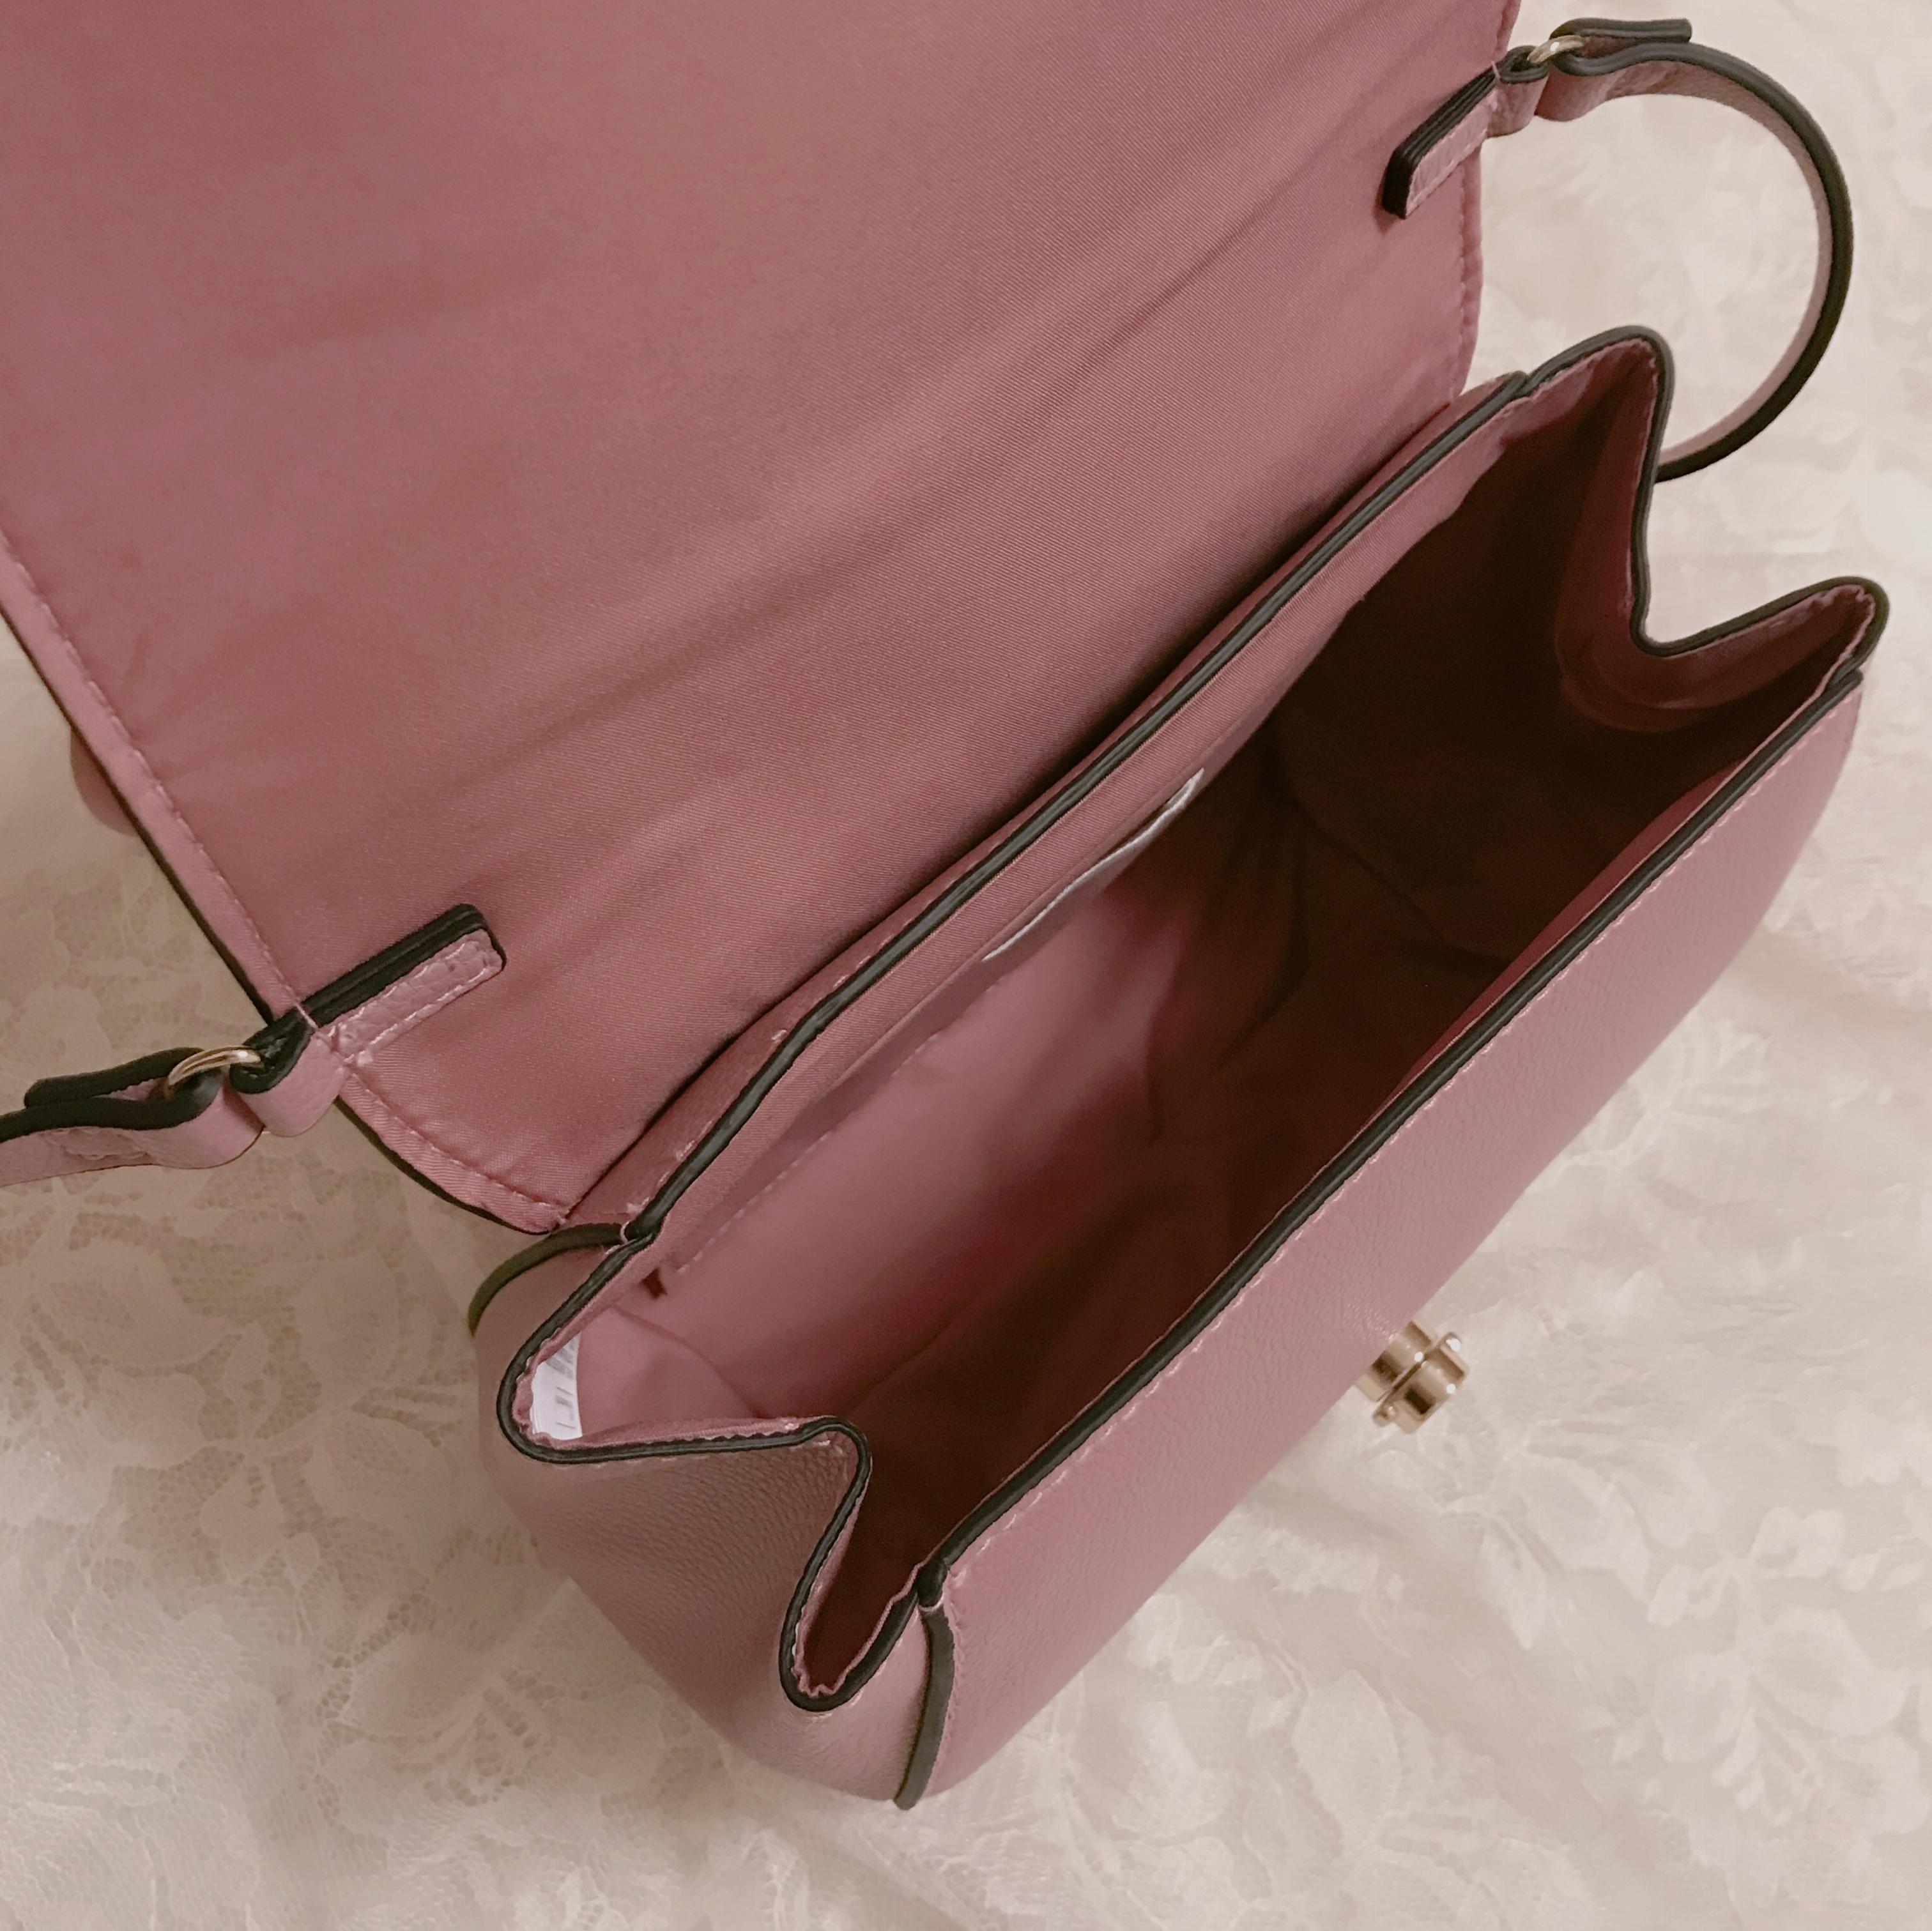 【H&M】ショルダーバッグが2000円以下❤︎プチプラなら挑戦しやすいアクセントカラーがおすすめ!_3